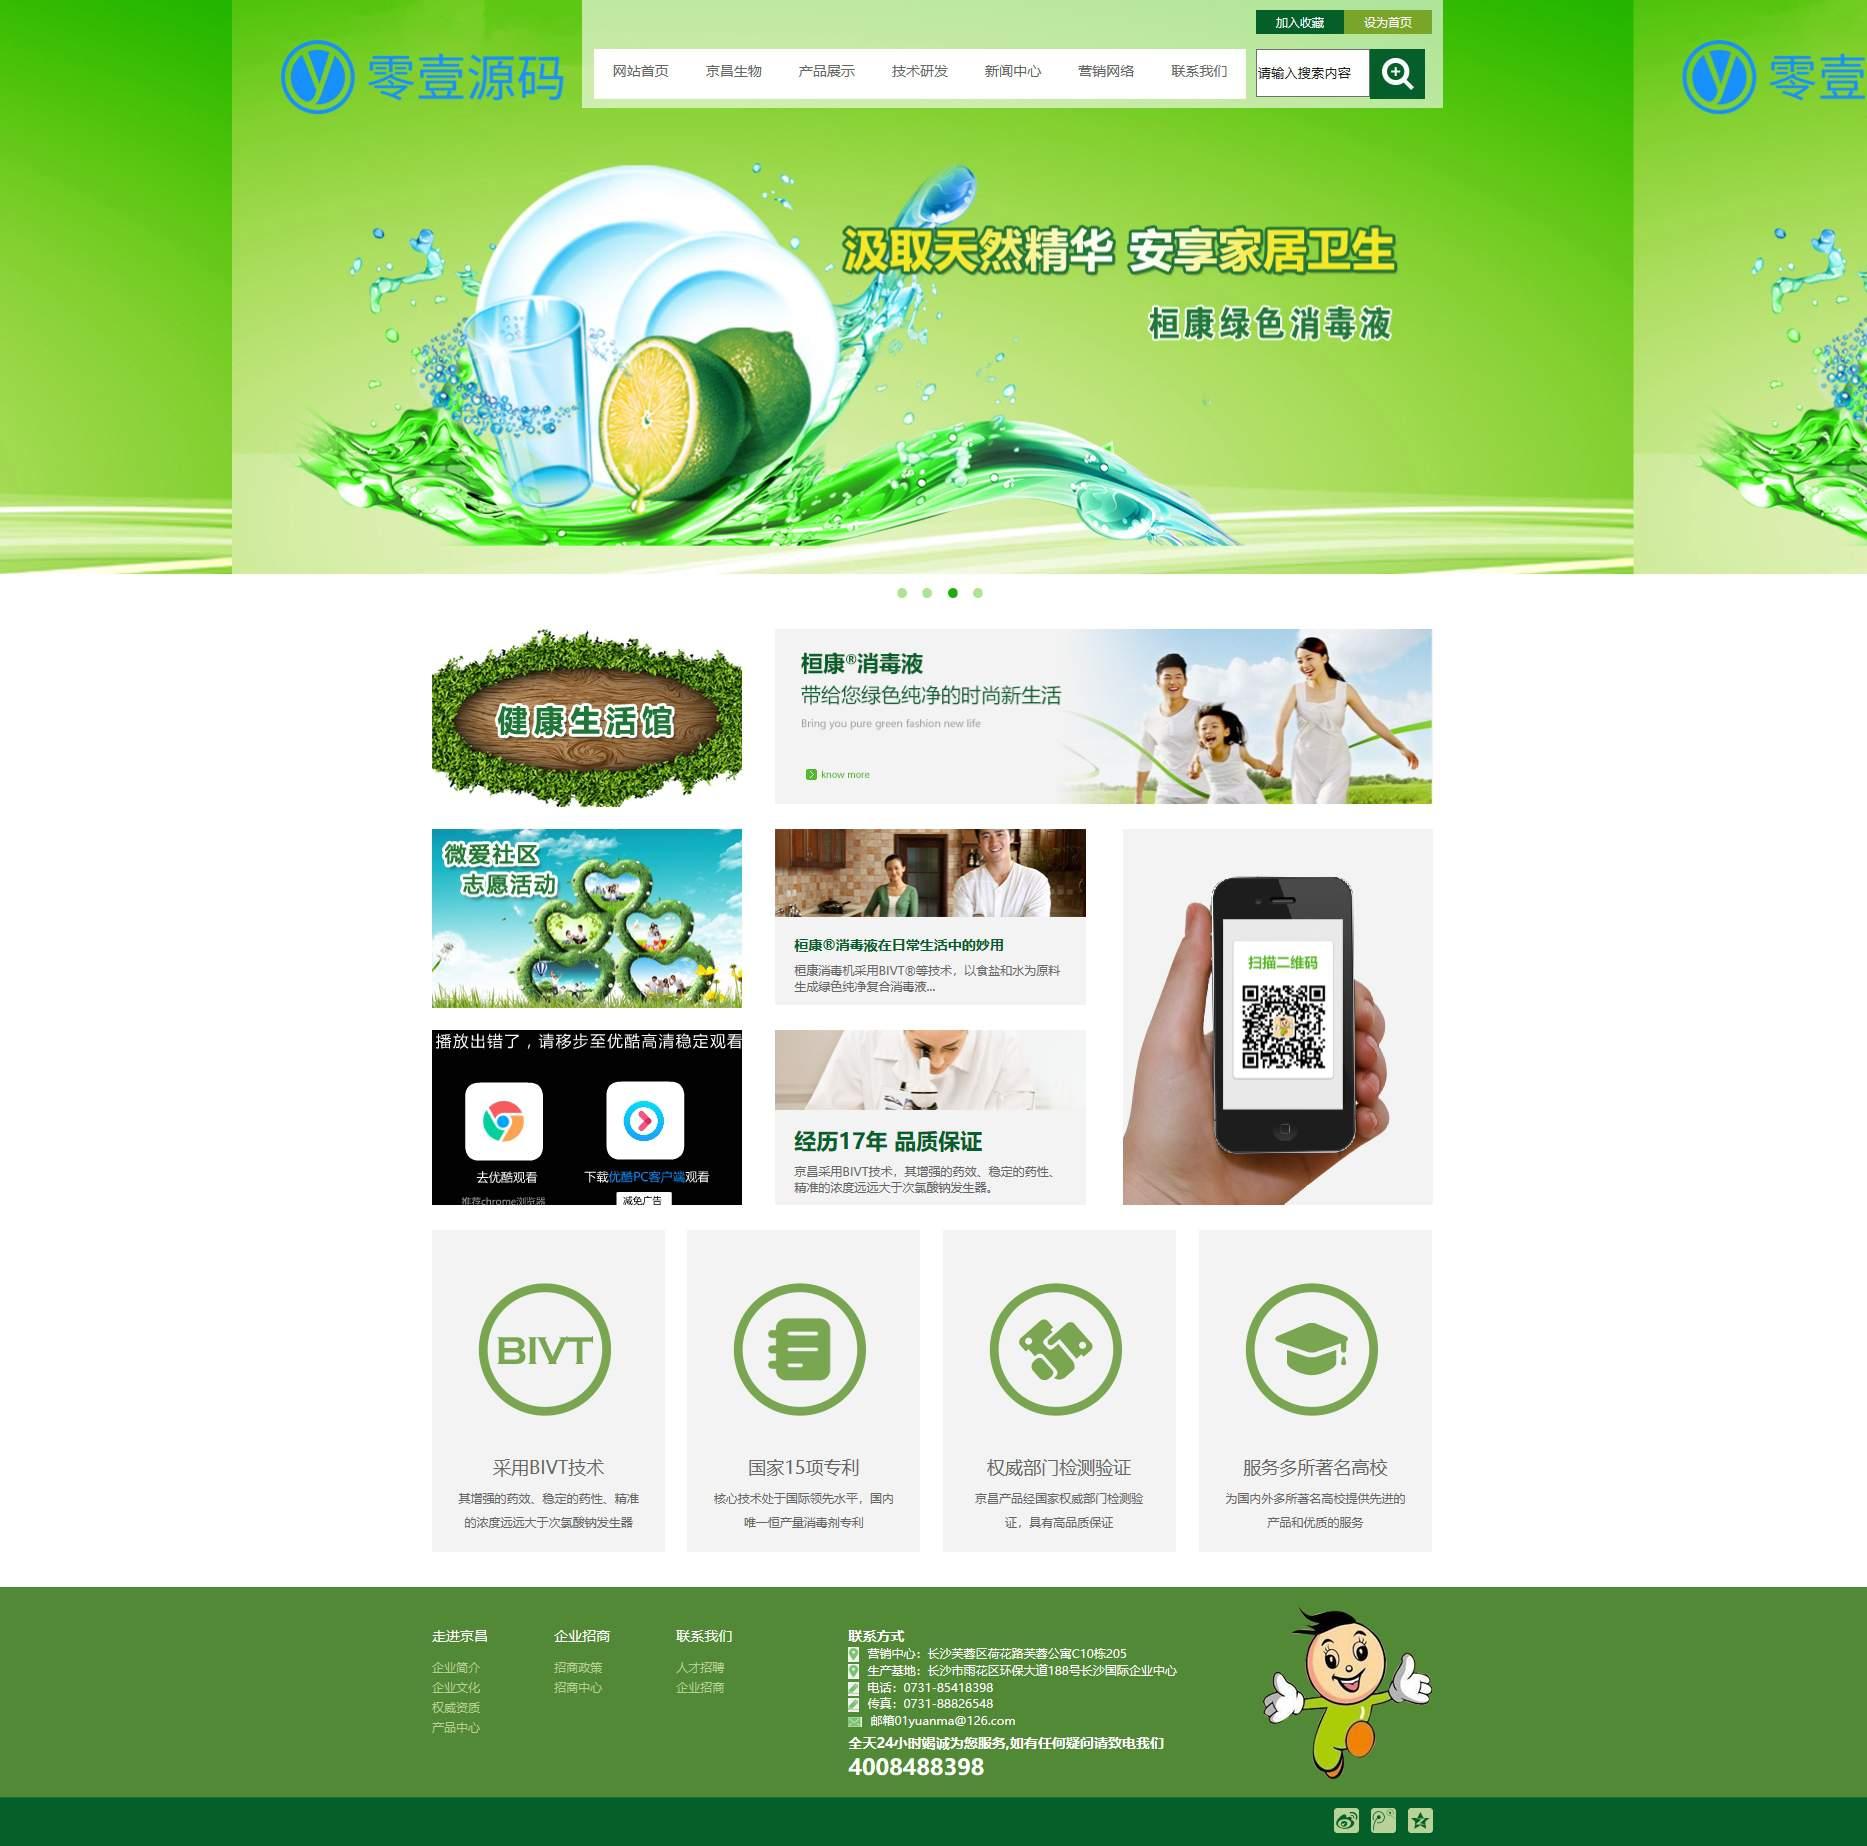 绿色生物科技环保类企业网站织梦dedecms模板